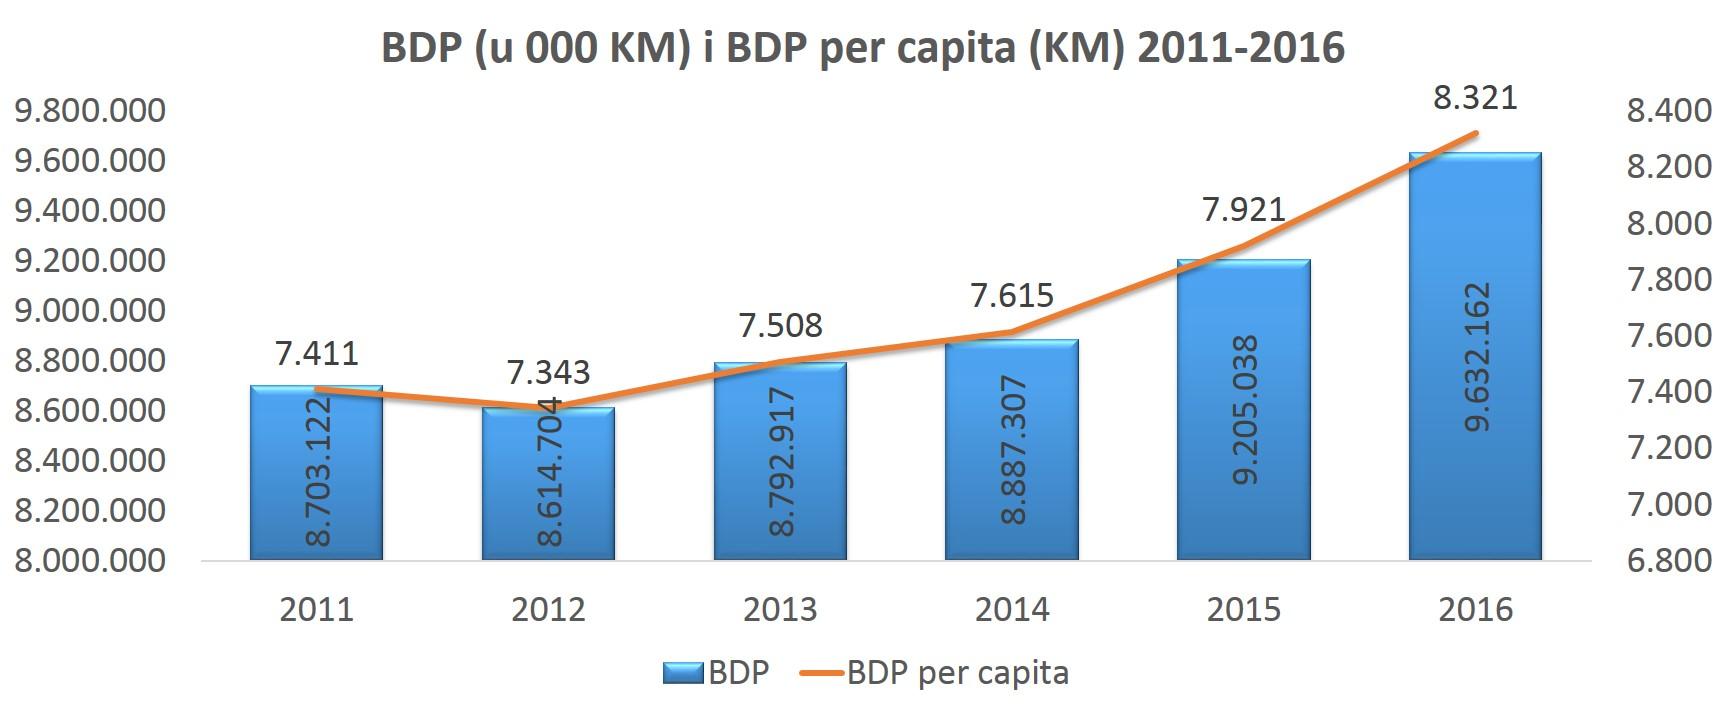 bdp, bdp per capita